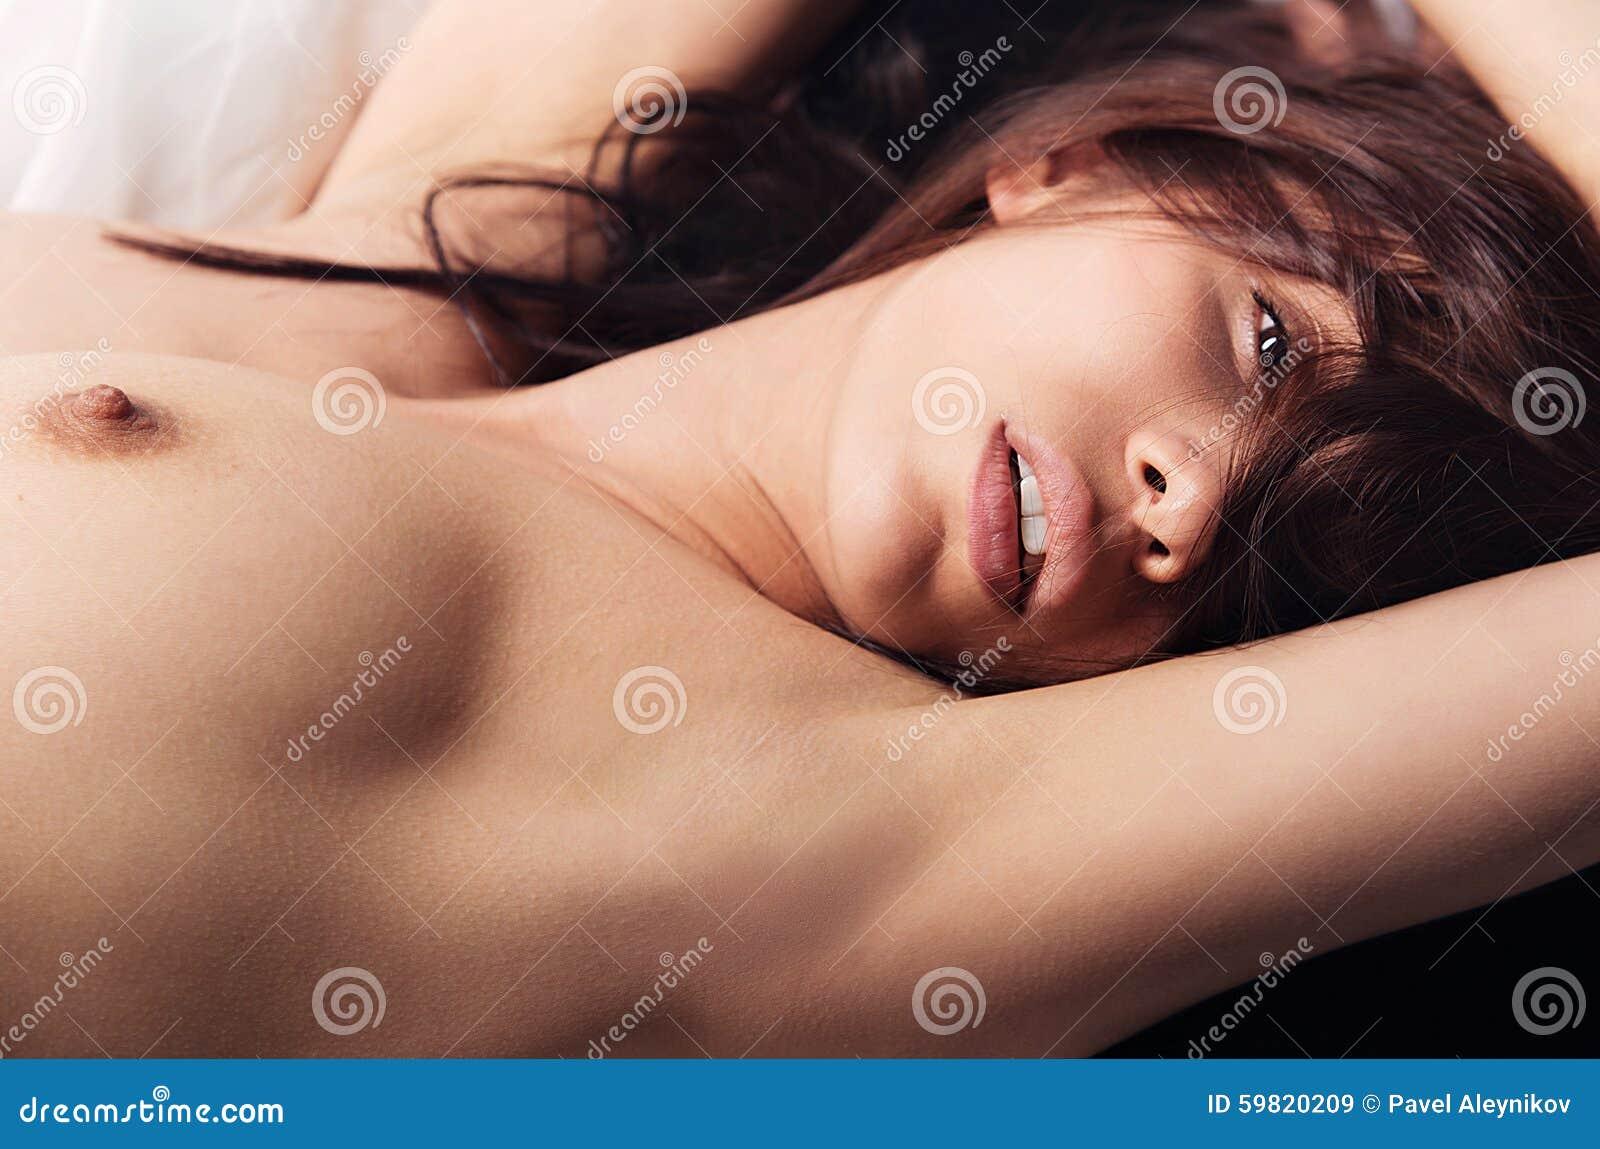 Ελεύθερα γυμνός καυτά κορίτσια